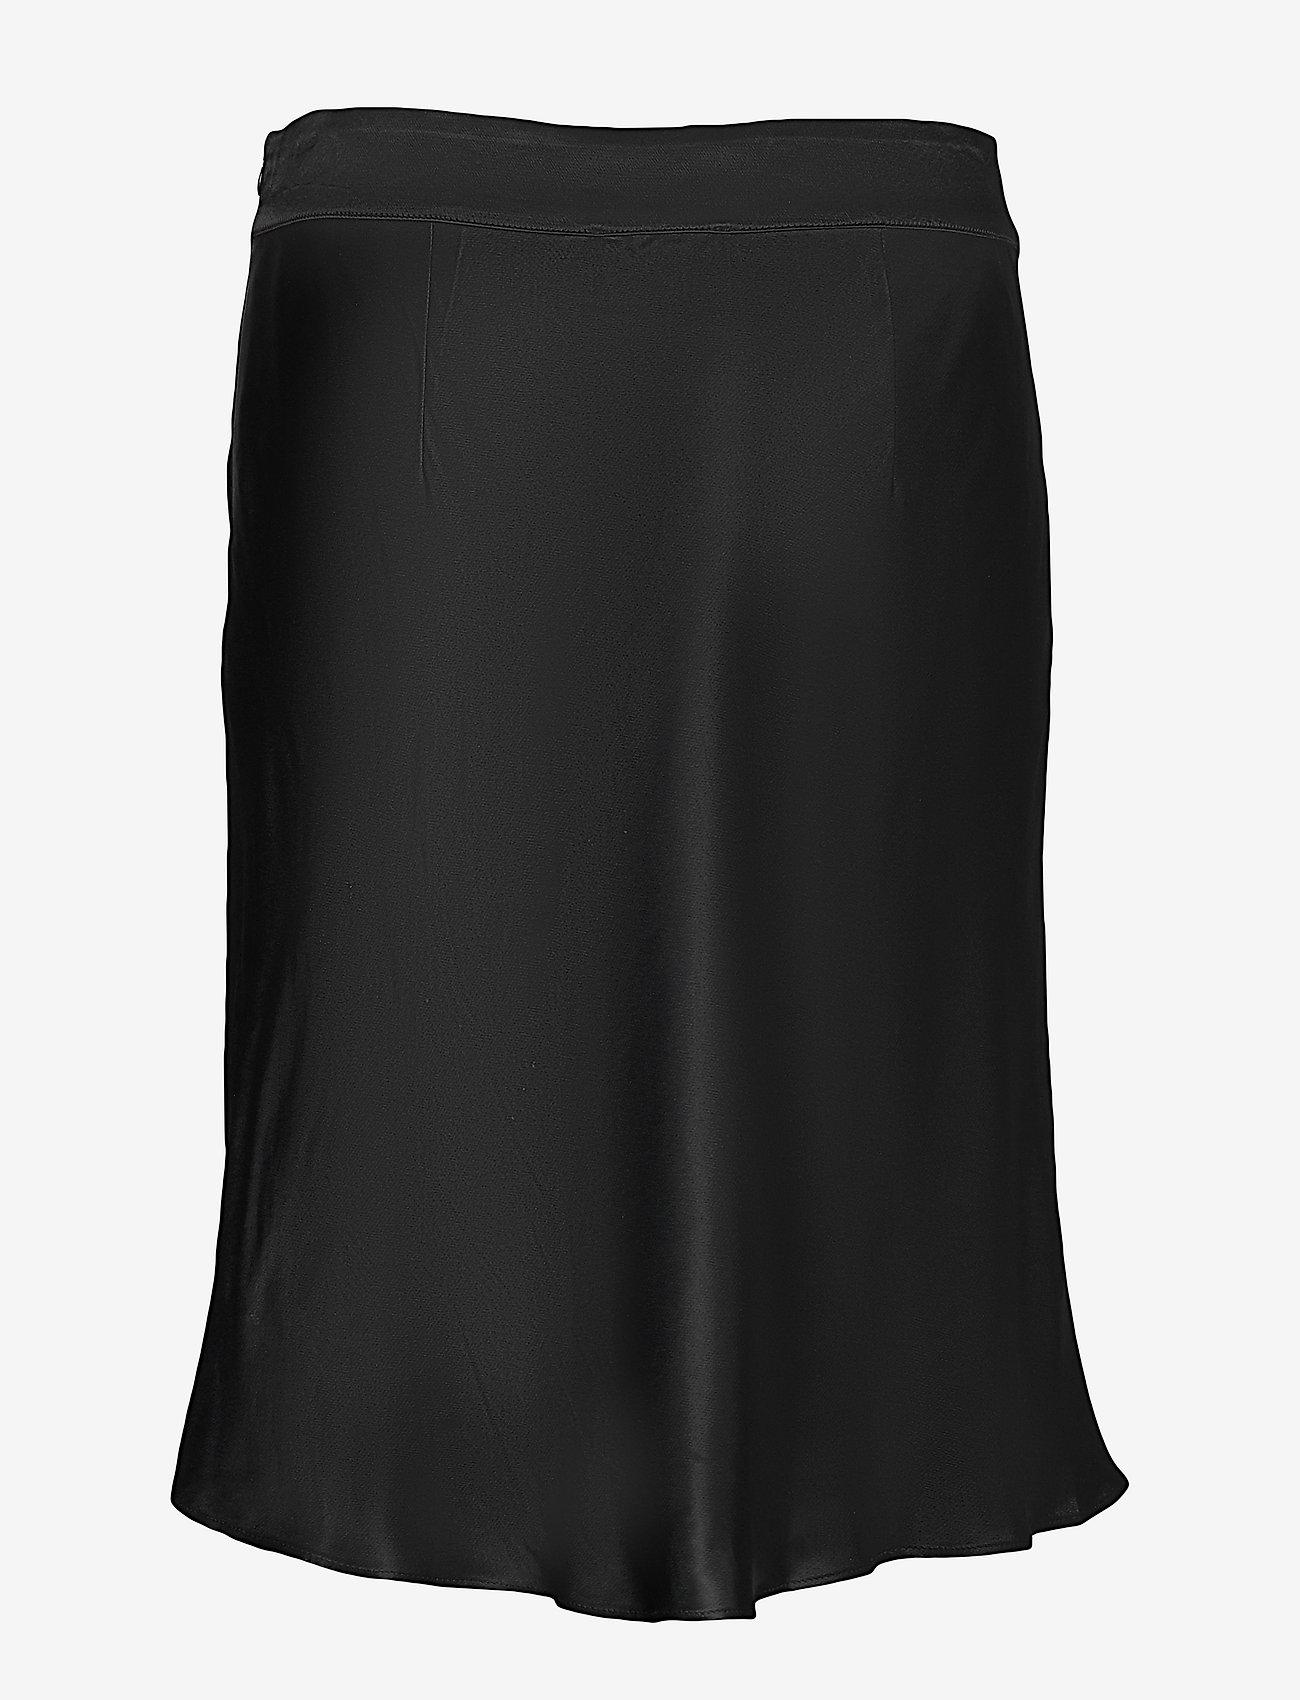 Kjol, Second Female, Eddy MW Short Skirt